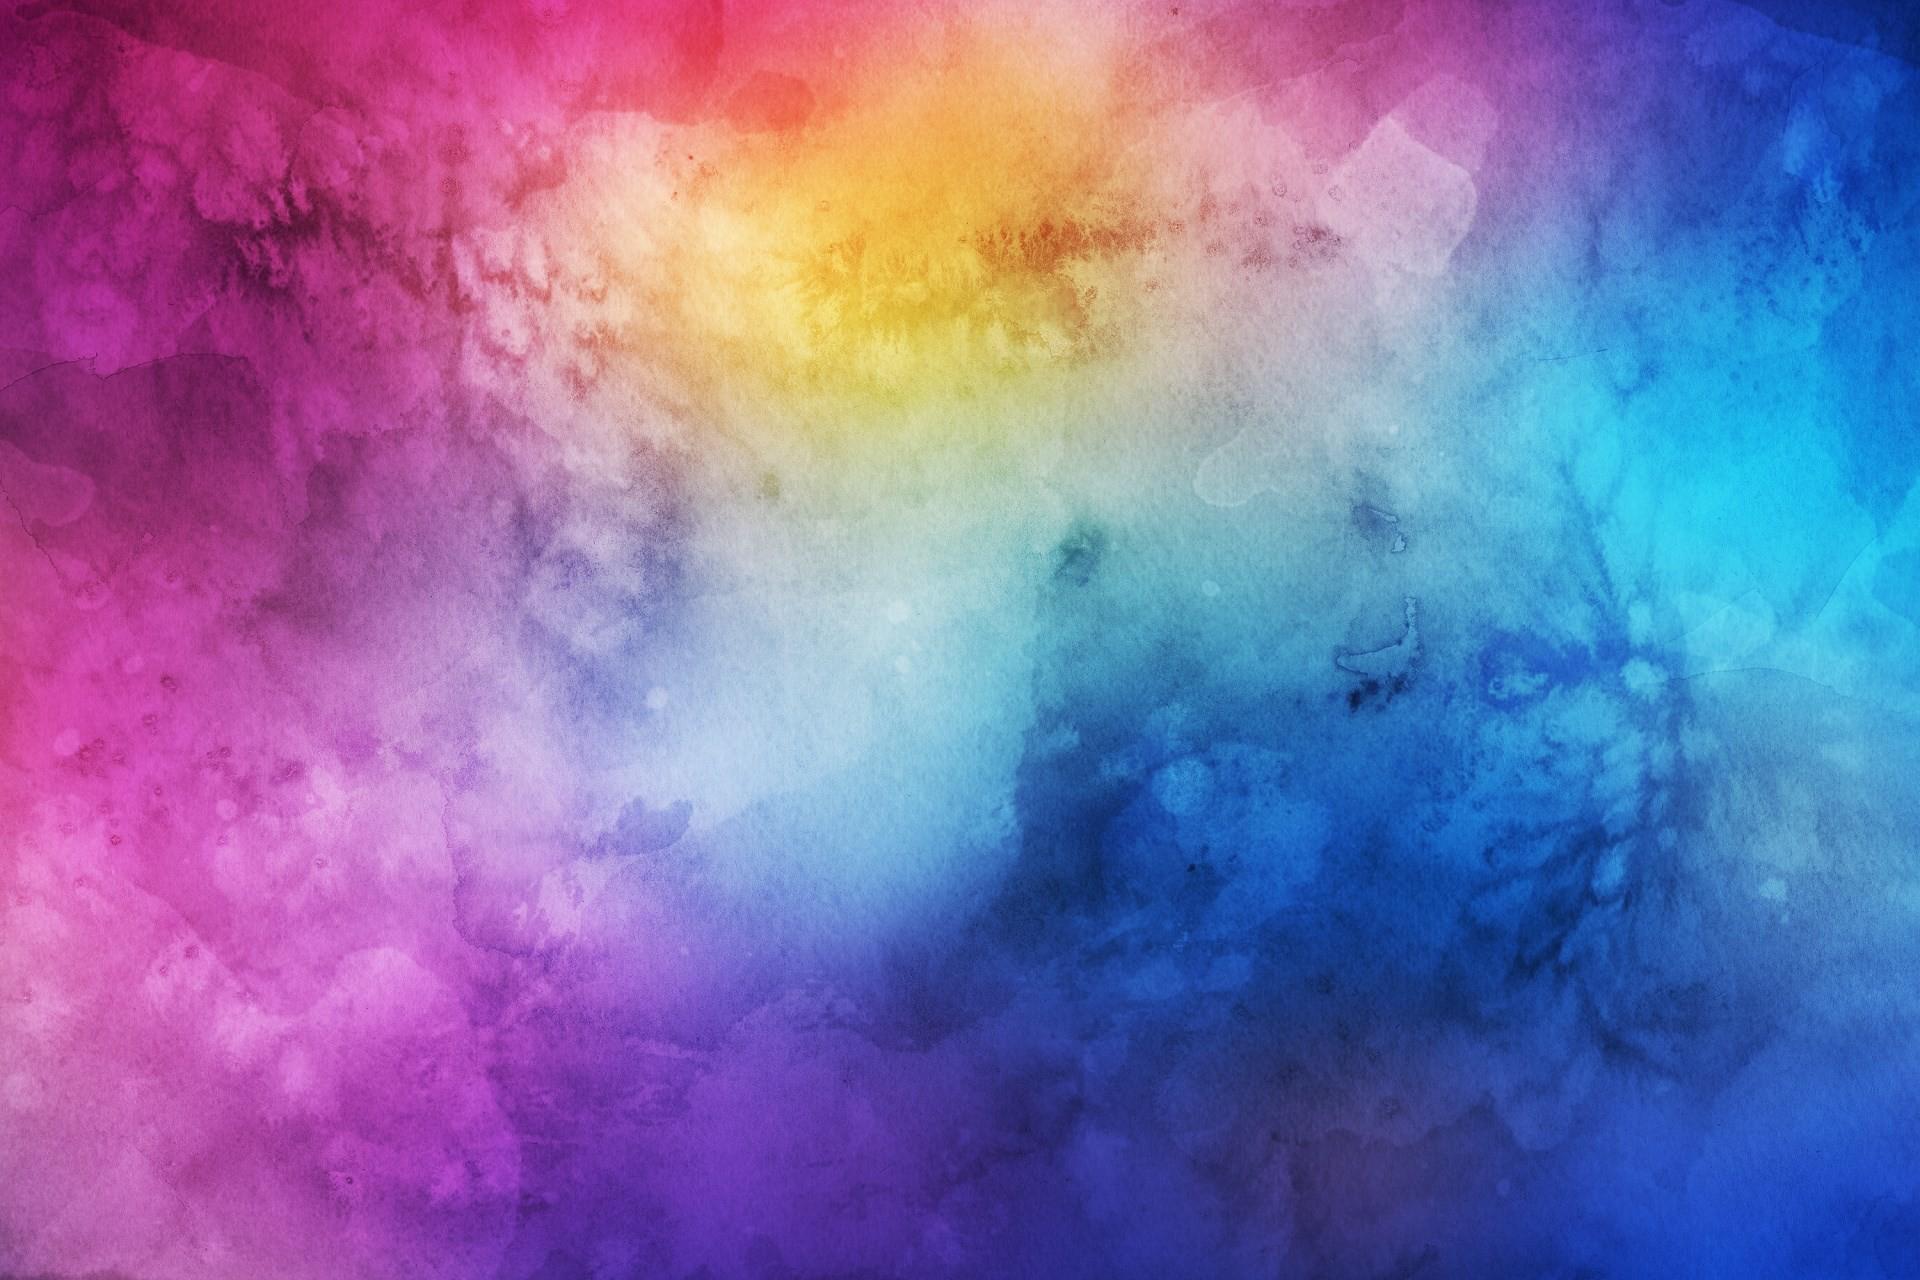 Iphone 7 Fall Wallpaper Watercolor Wallpapers 183 ①